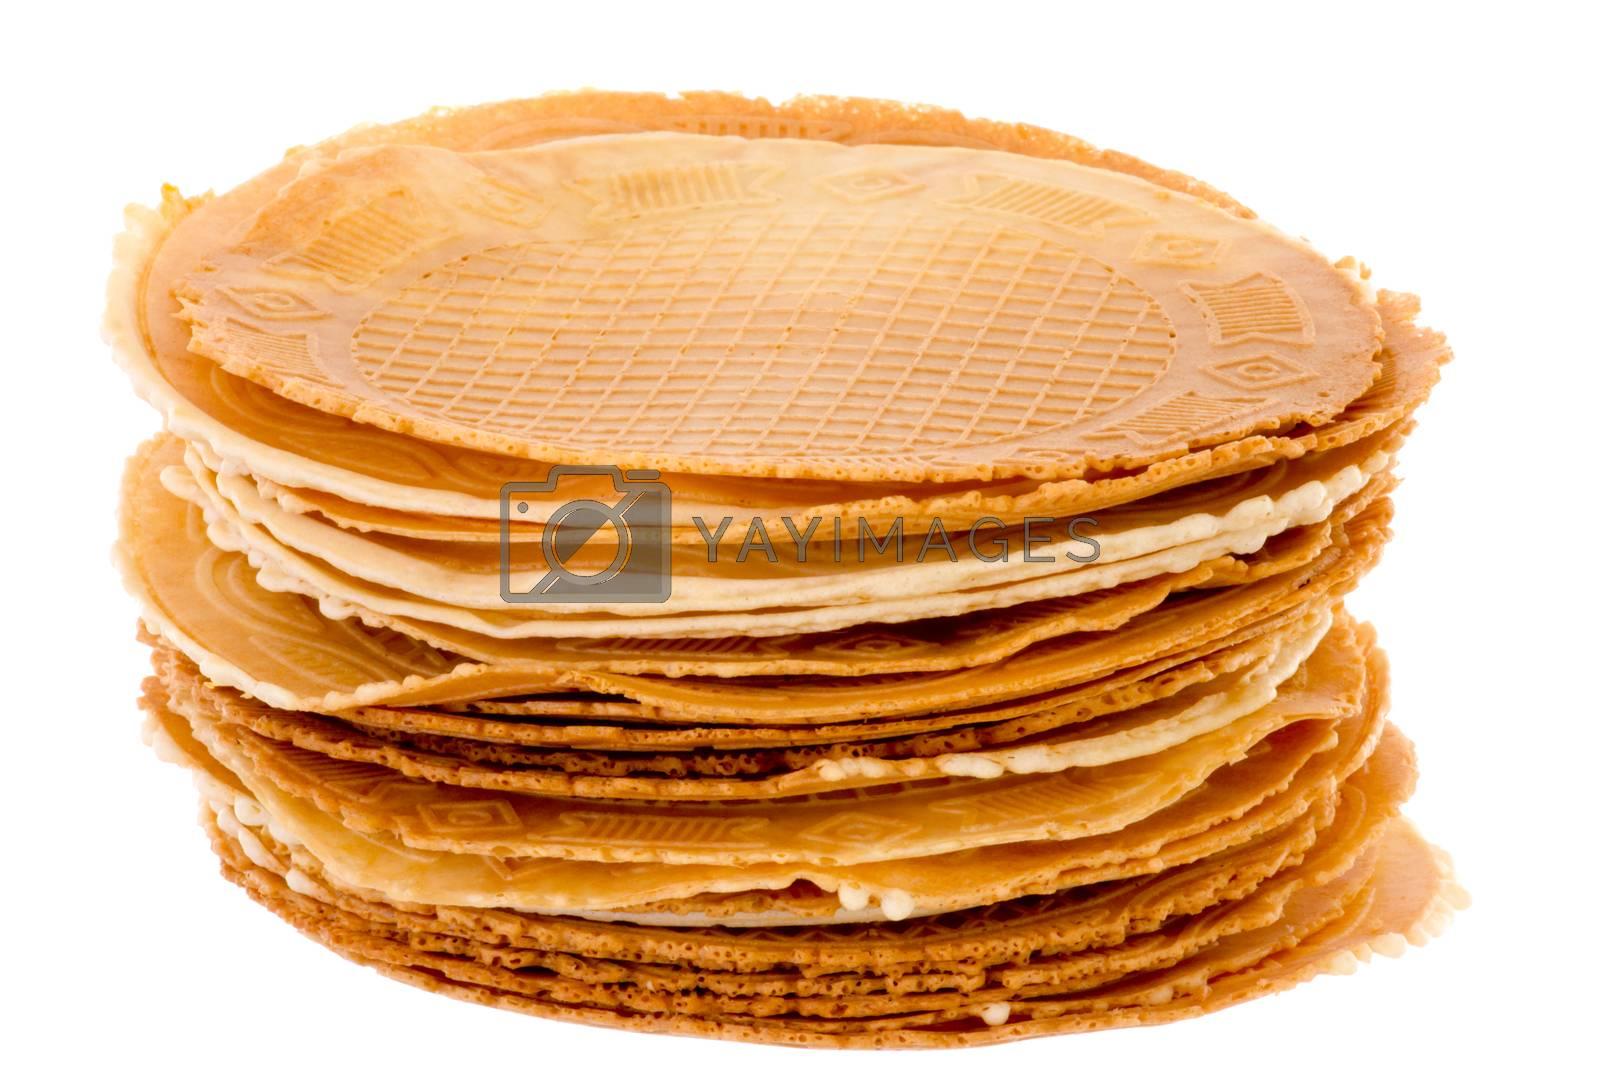 Pack of freshly waffle cookies brightened